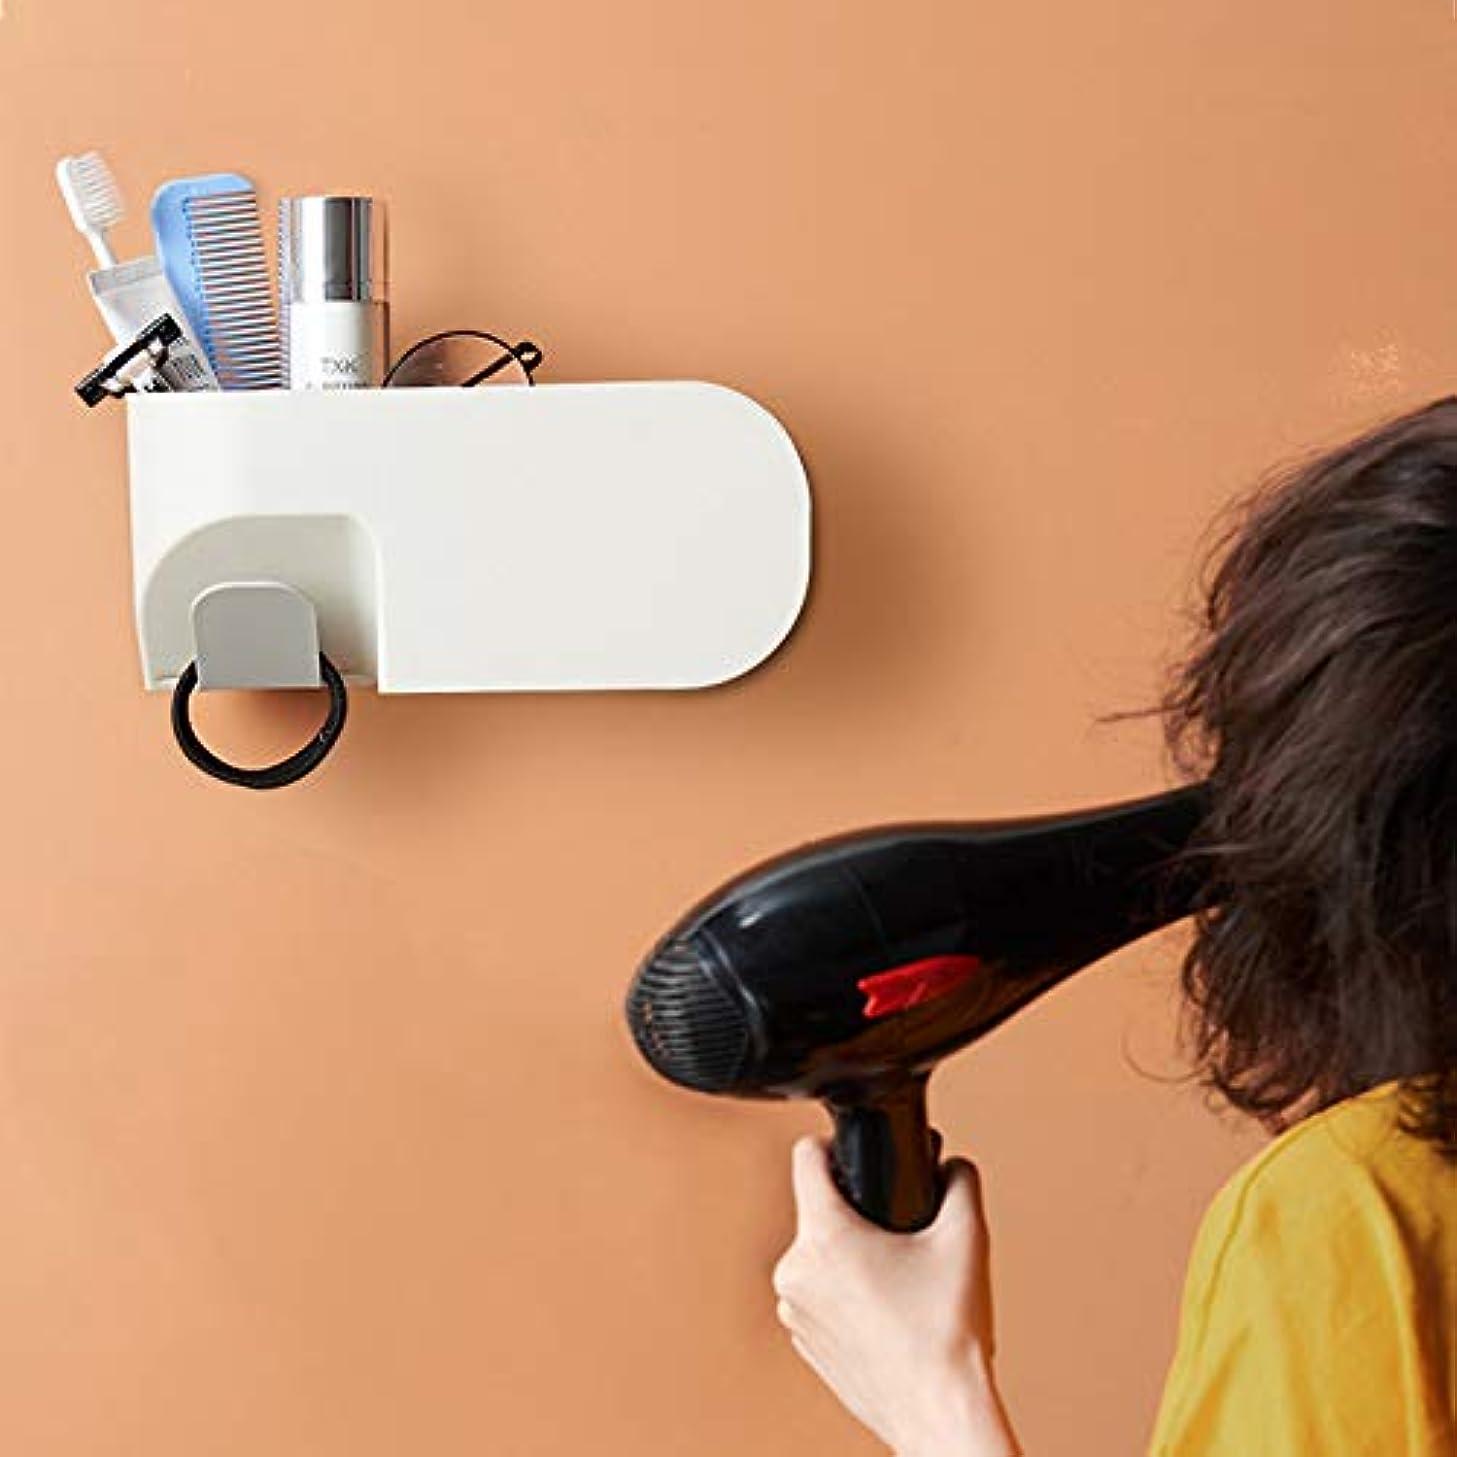 クスクス自動的にタワーJanusSajaパンチフリーパワフルサクションカップヘアドライヤー多機能バスルームラックホルダーバスルームアクセサリー